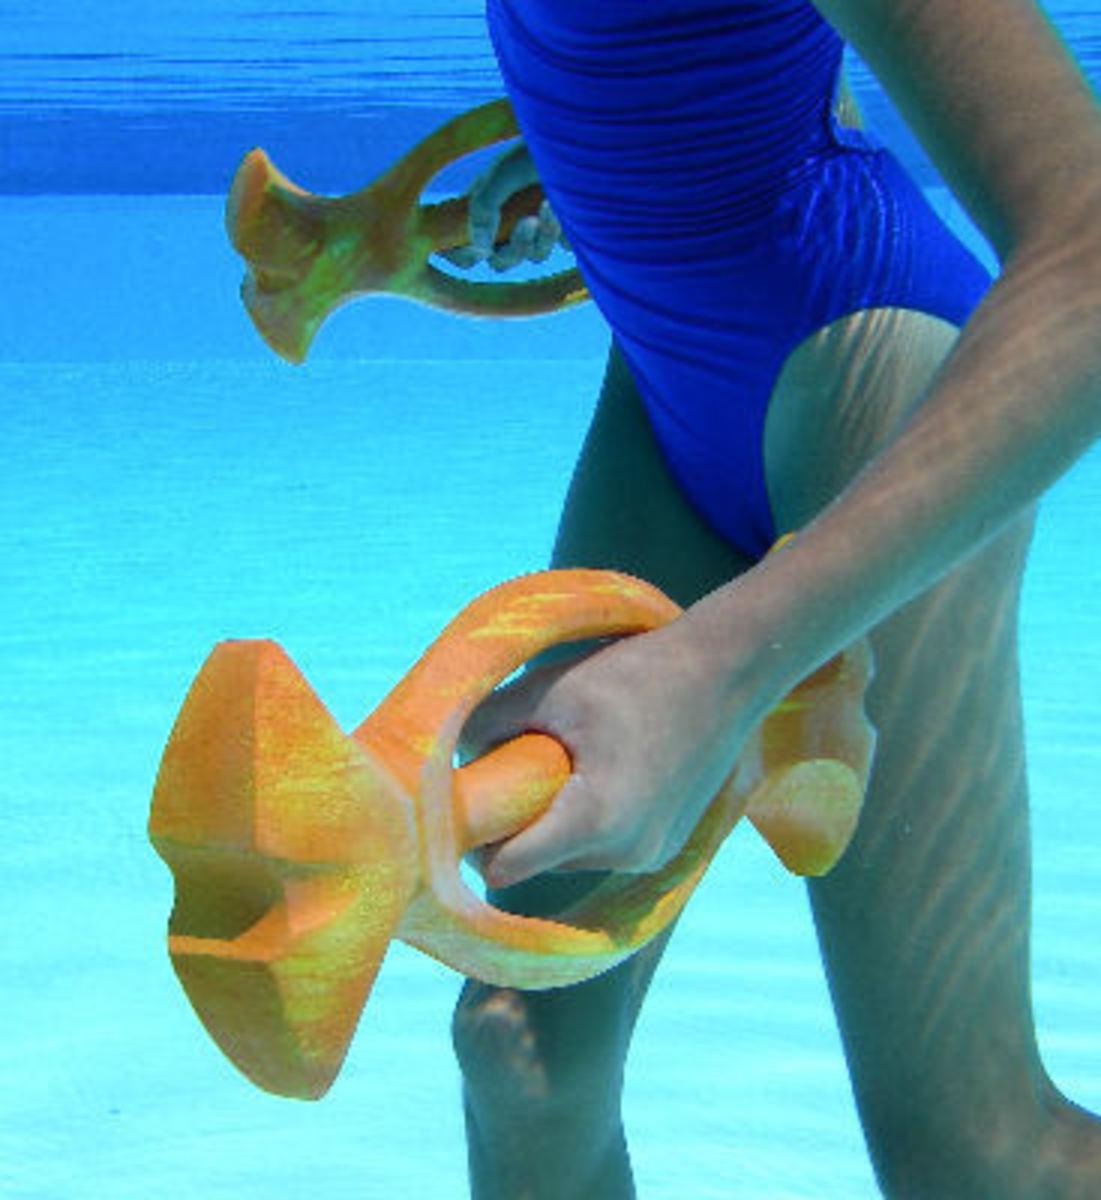 woman in blue swim suit using orange ergonomic barbells